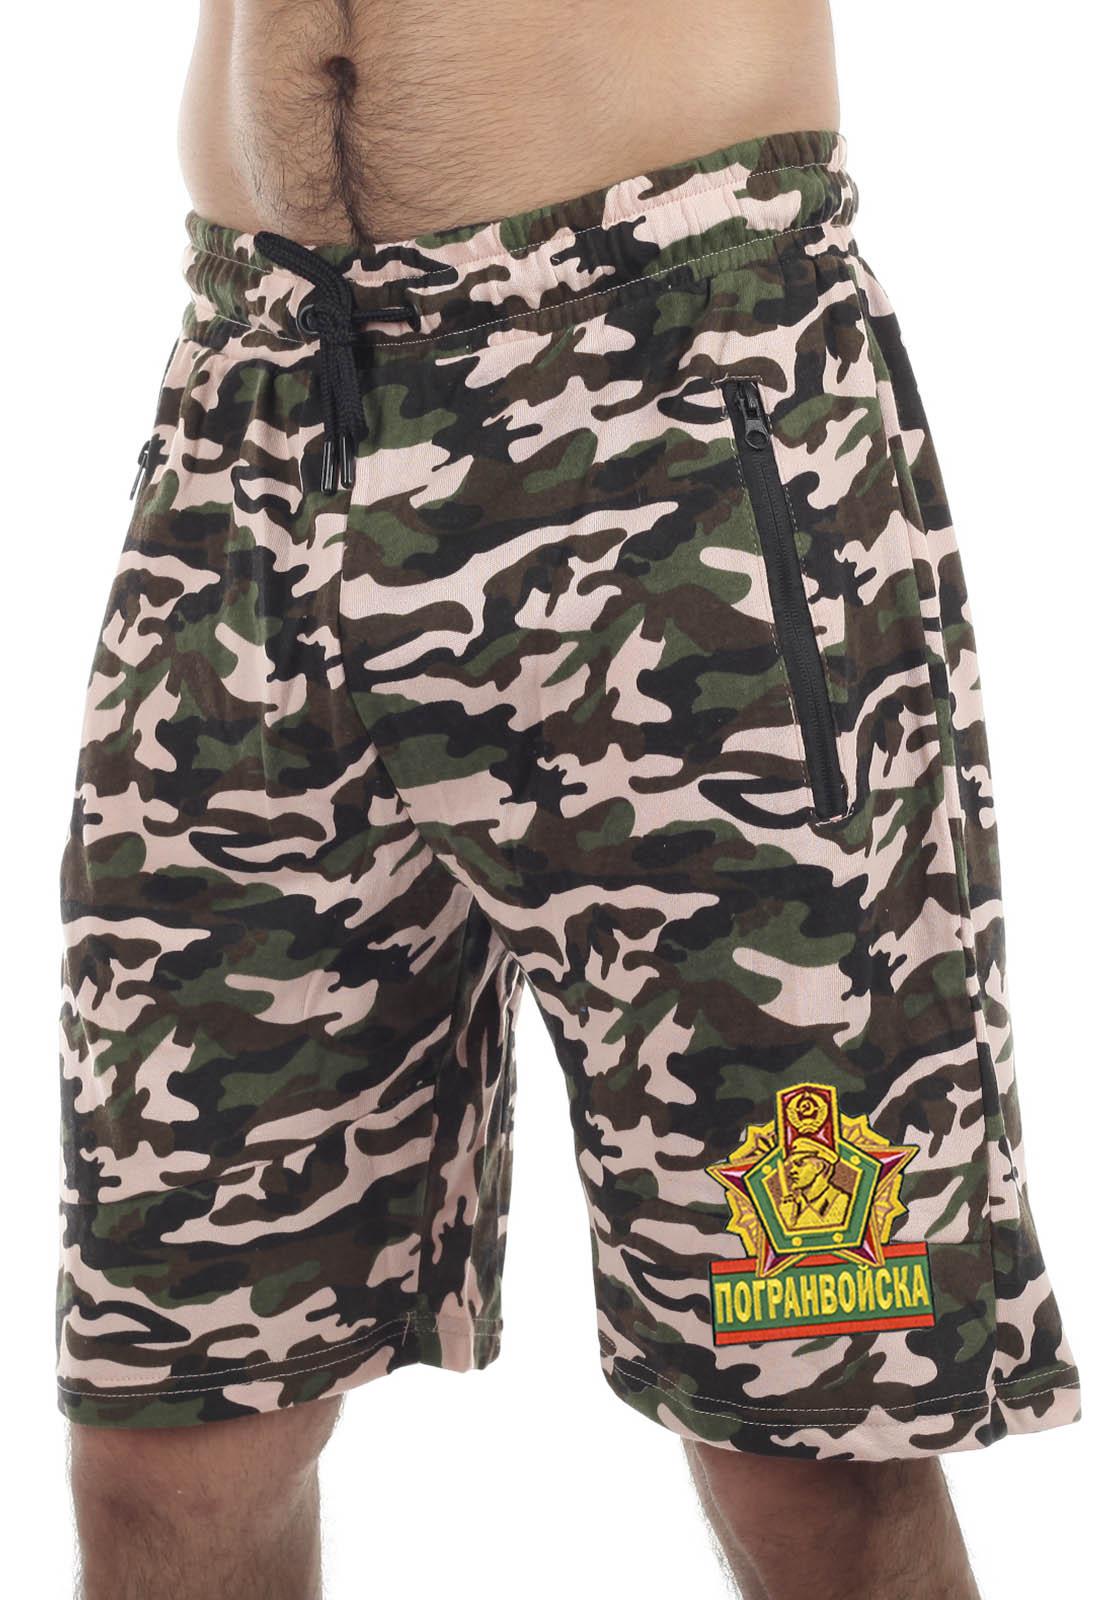 Купить армейские трикотажные шорты с карманами и нашивкой Погранвойска с доставкой в ваш город